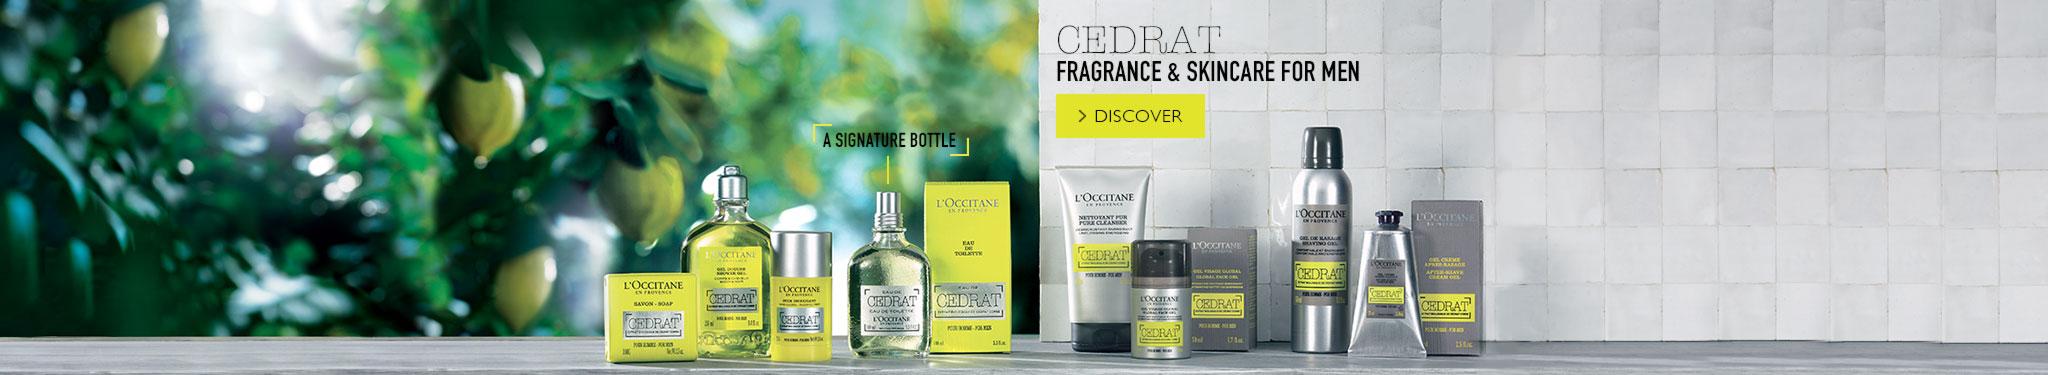 Cedrat Fragrance & Skincare For Men